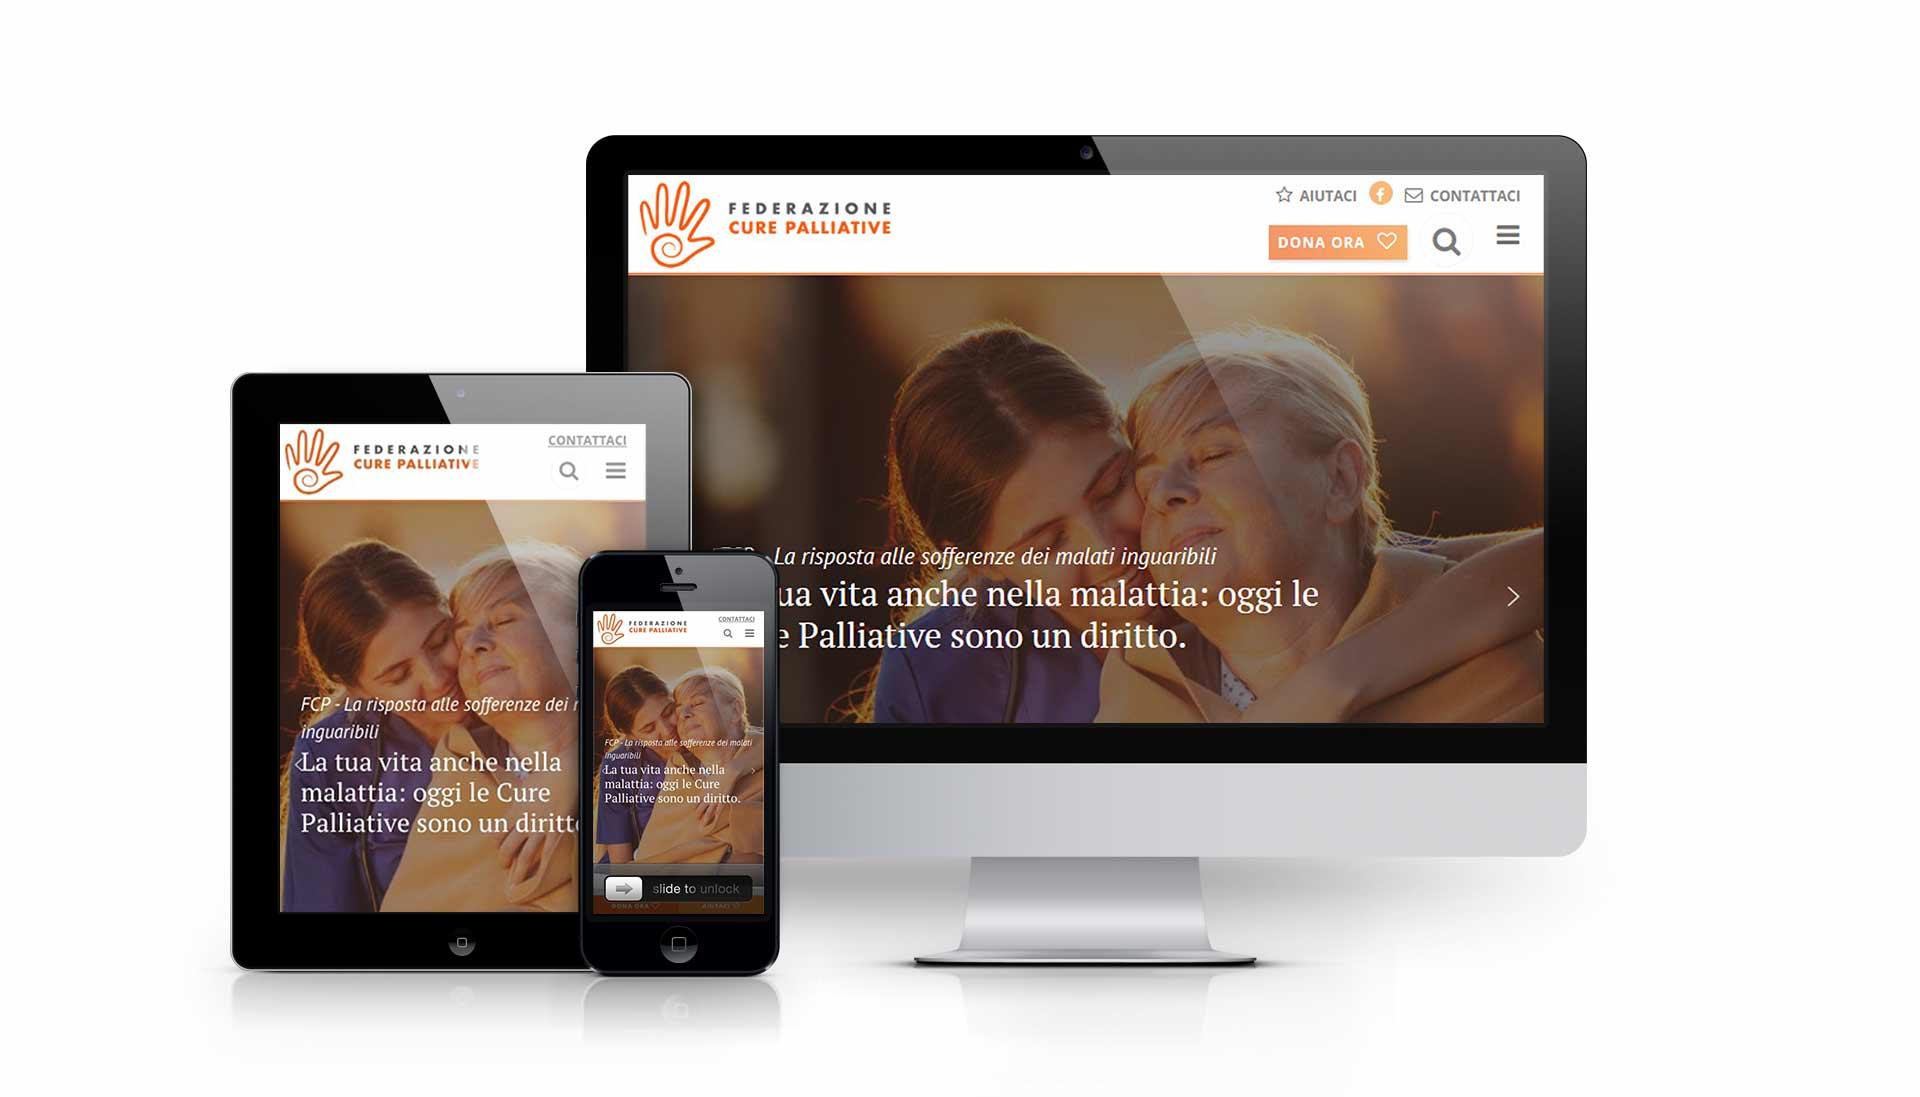 Sviluppo portale per non profit - Fedcp.org